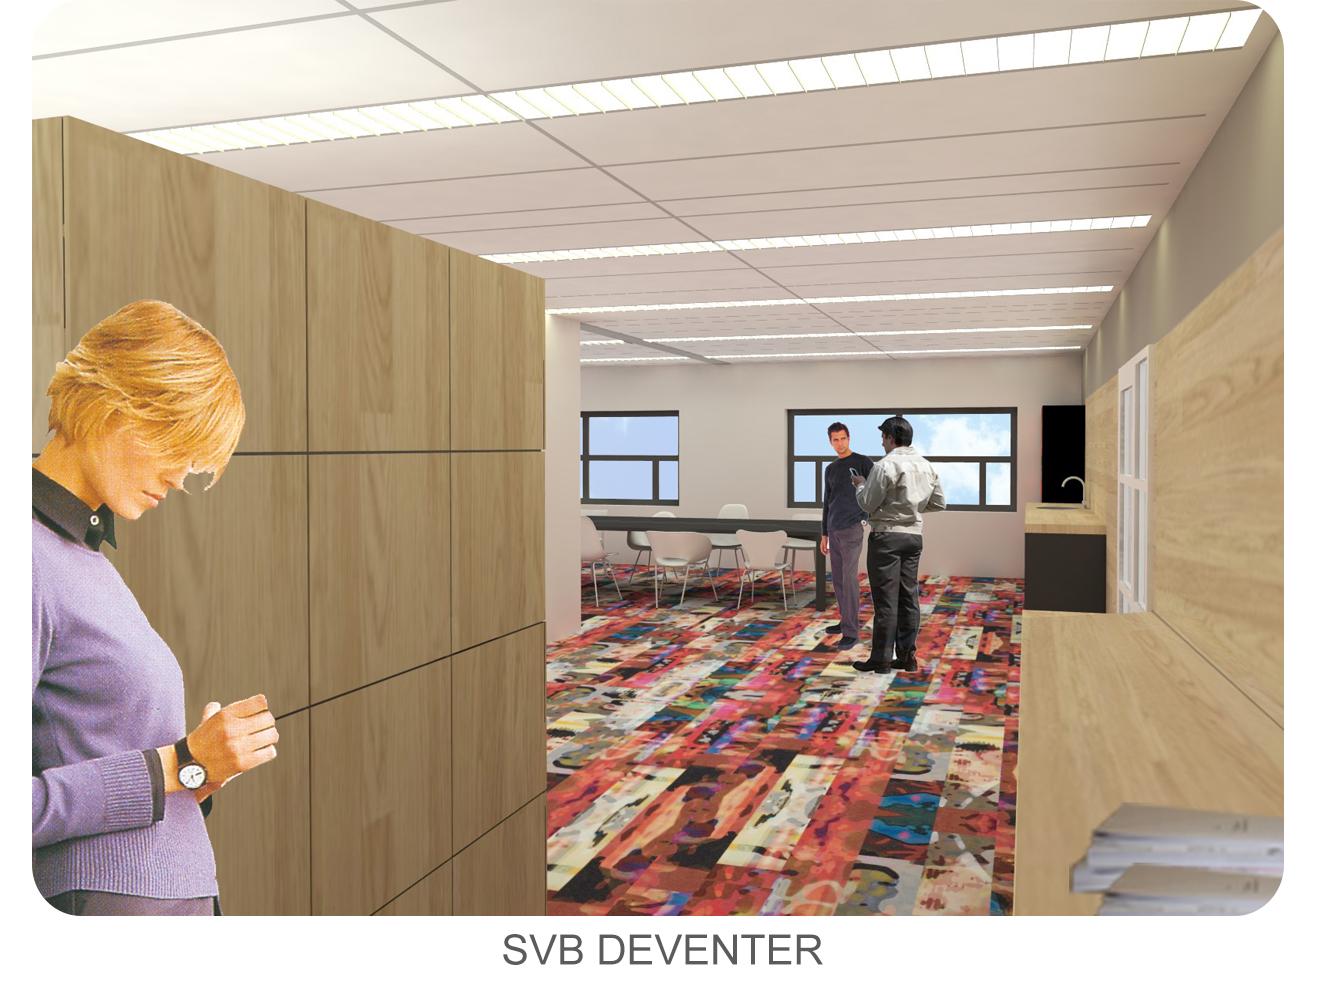 SVB Deventer